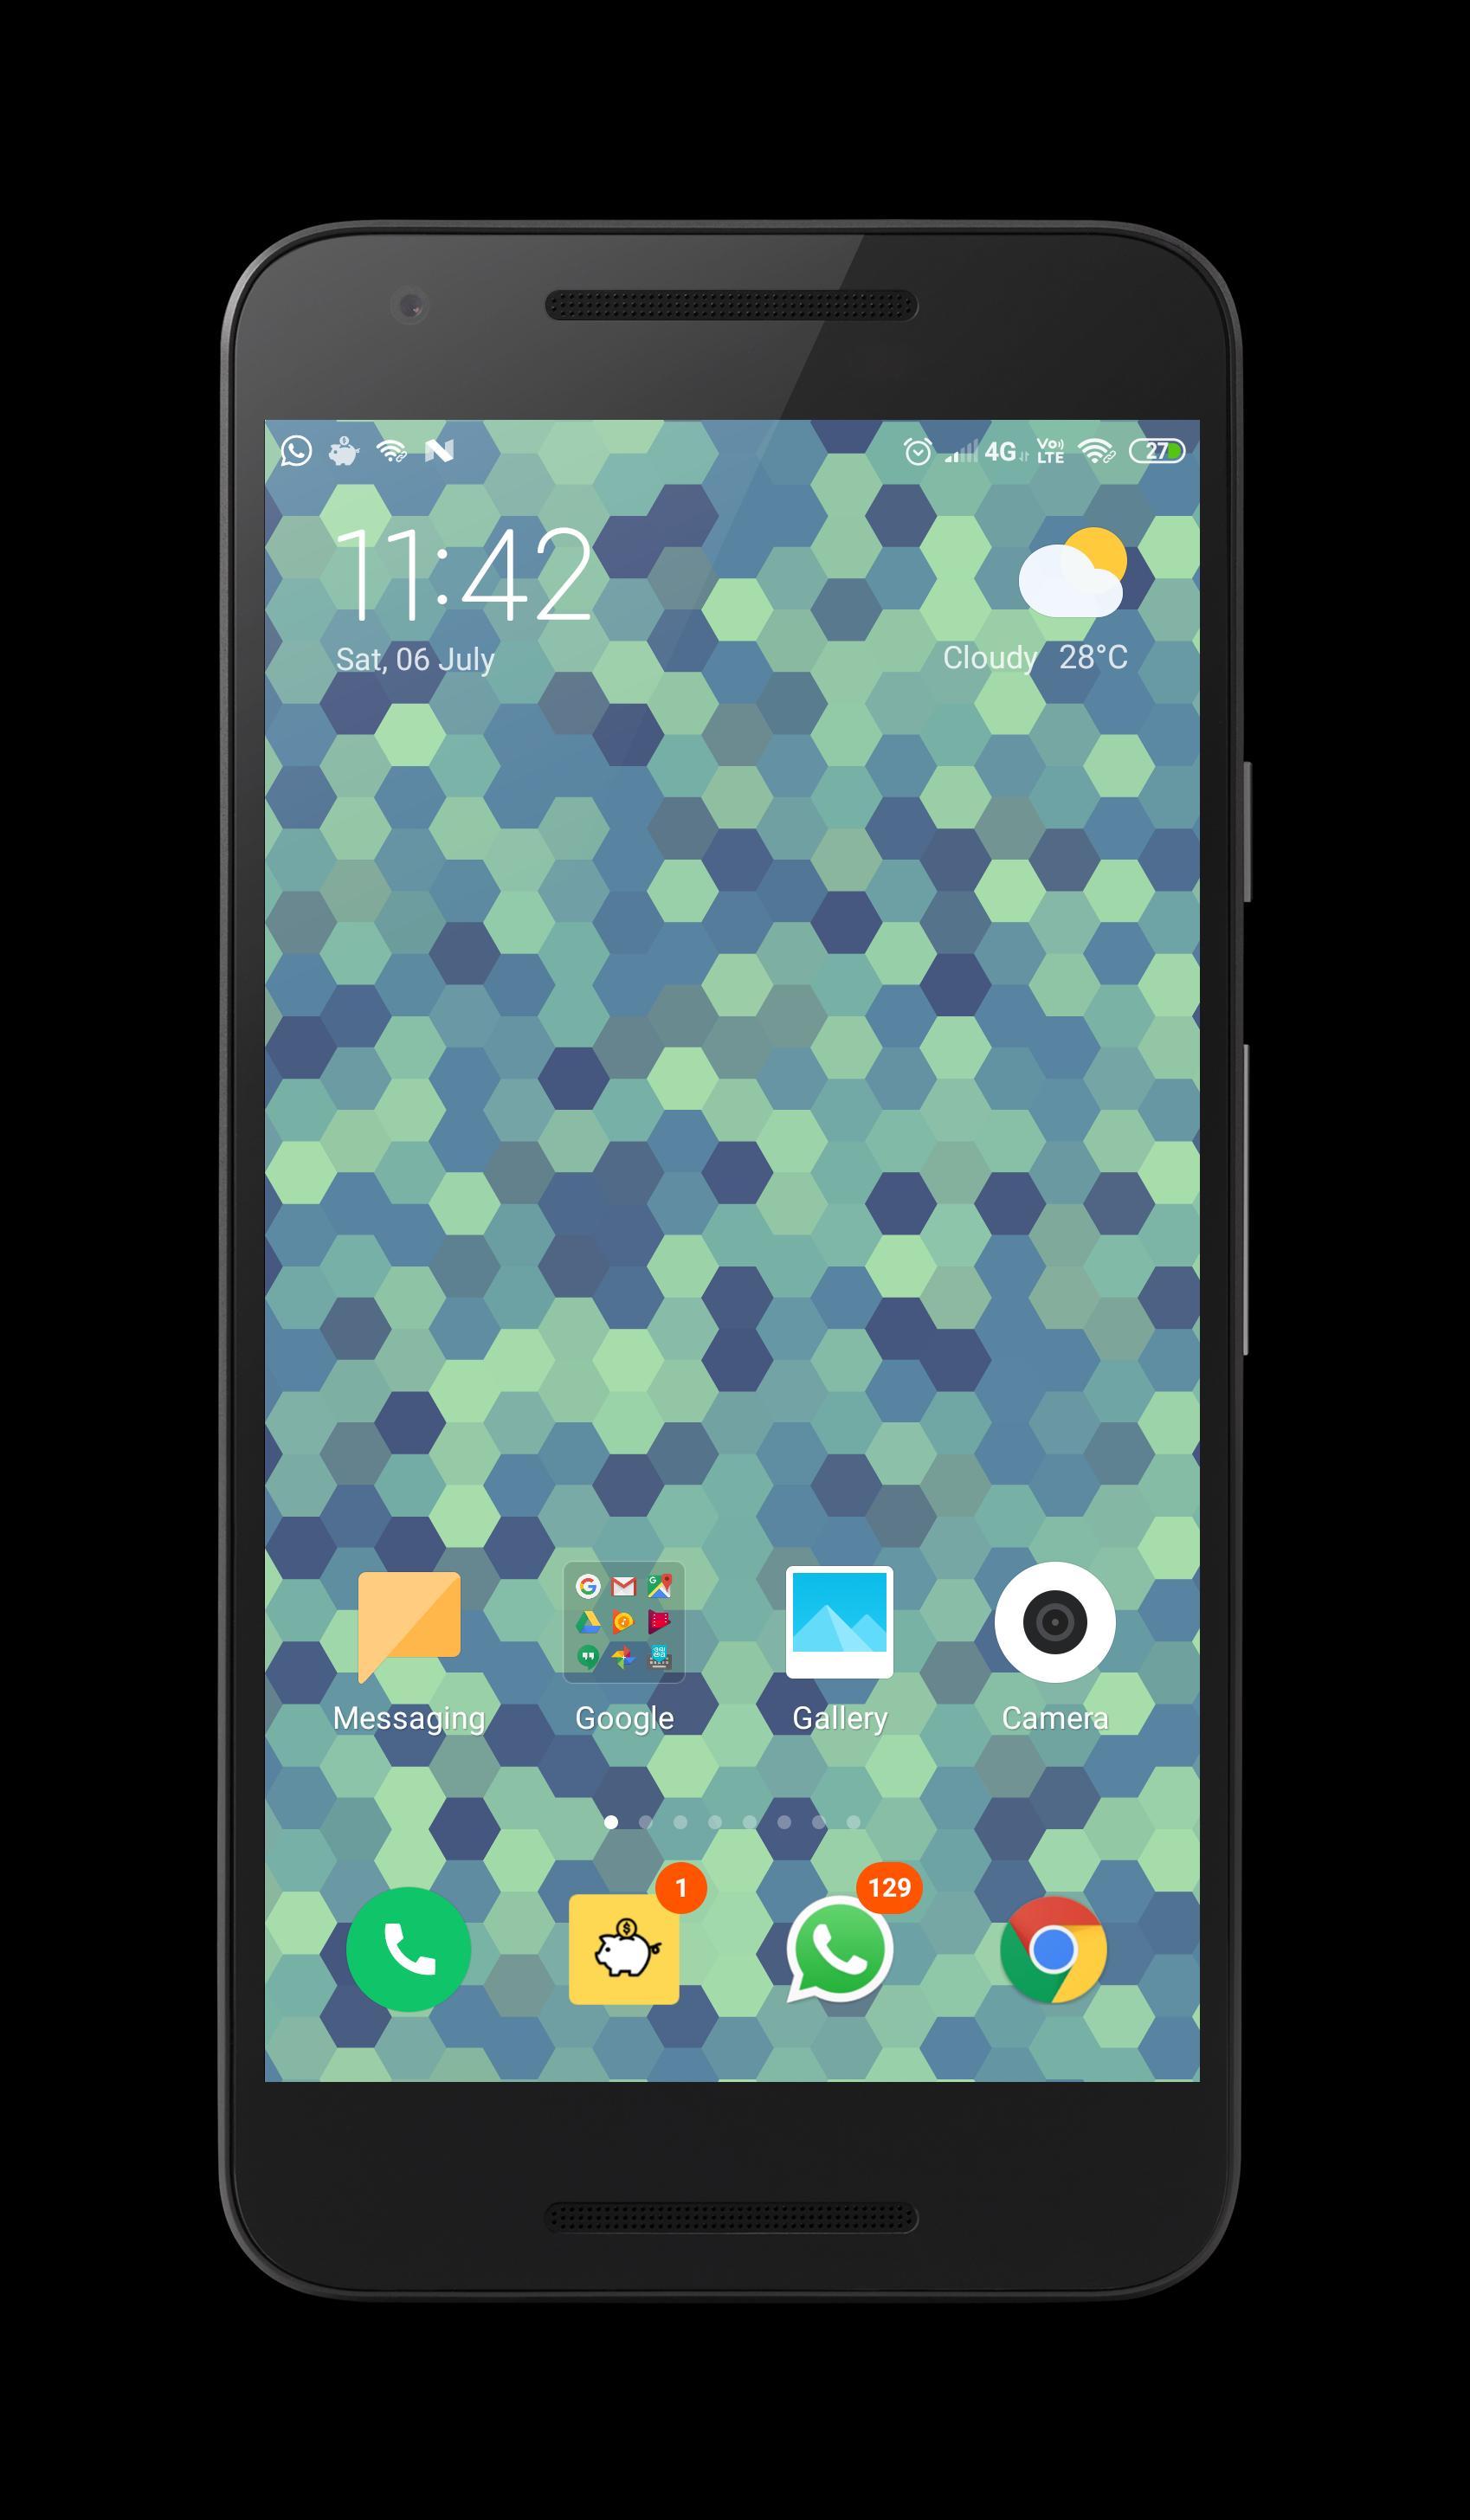 Pubg Jio Phone 3d Wallpaper Download 2019 - Get Images Four